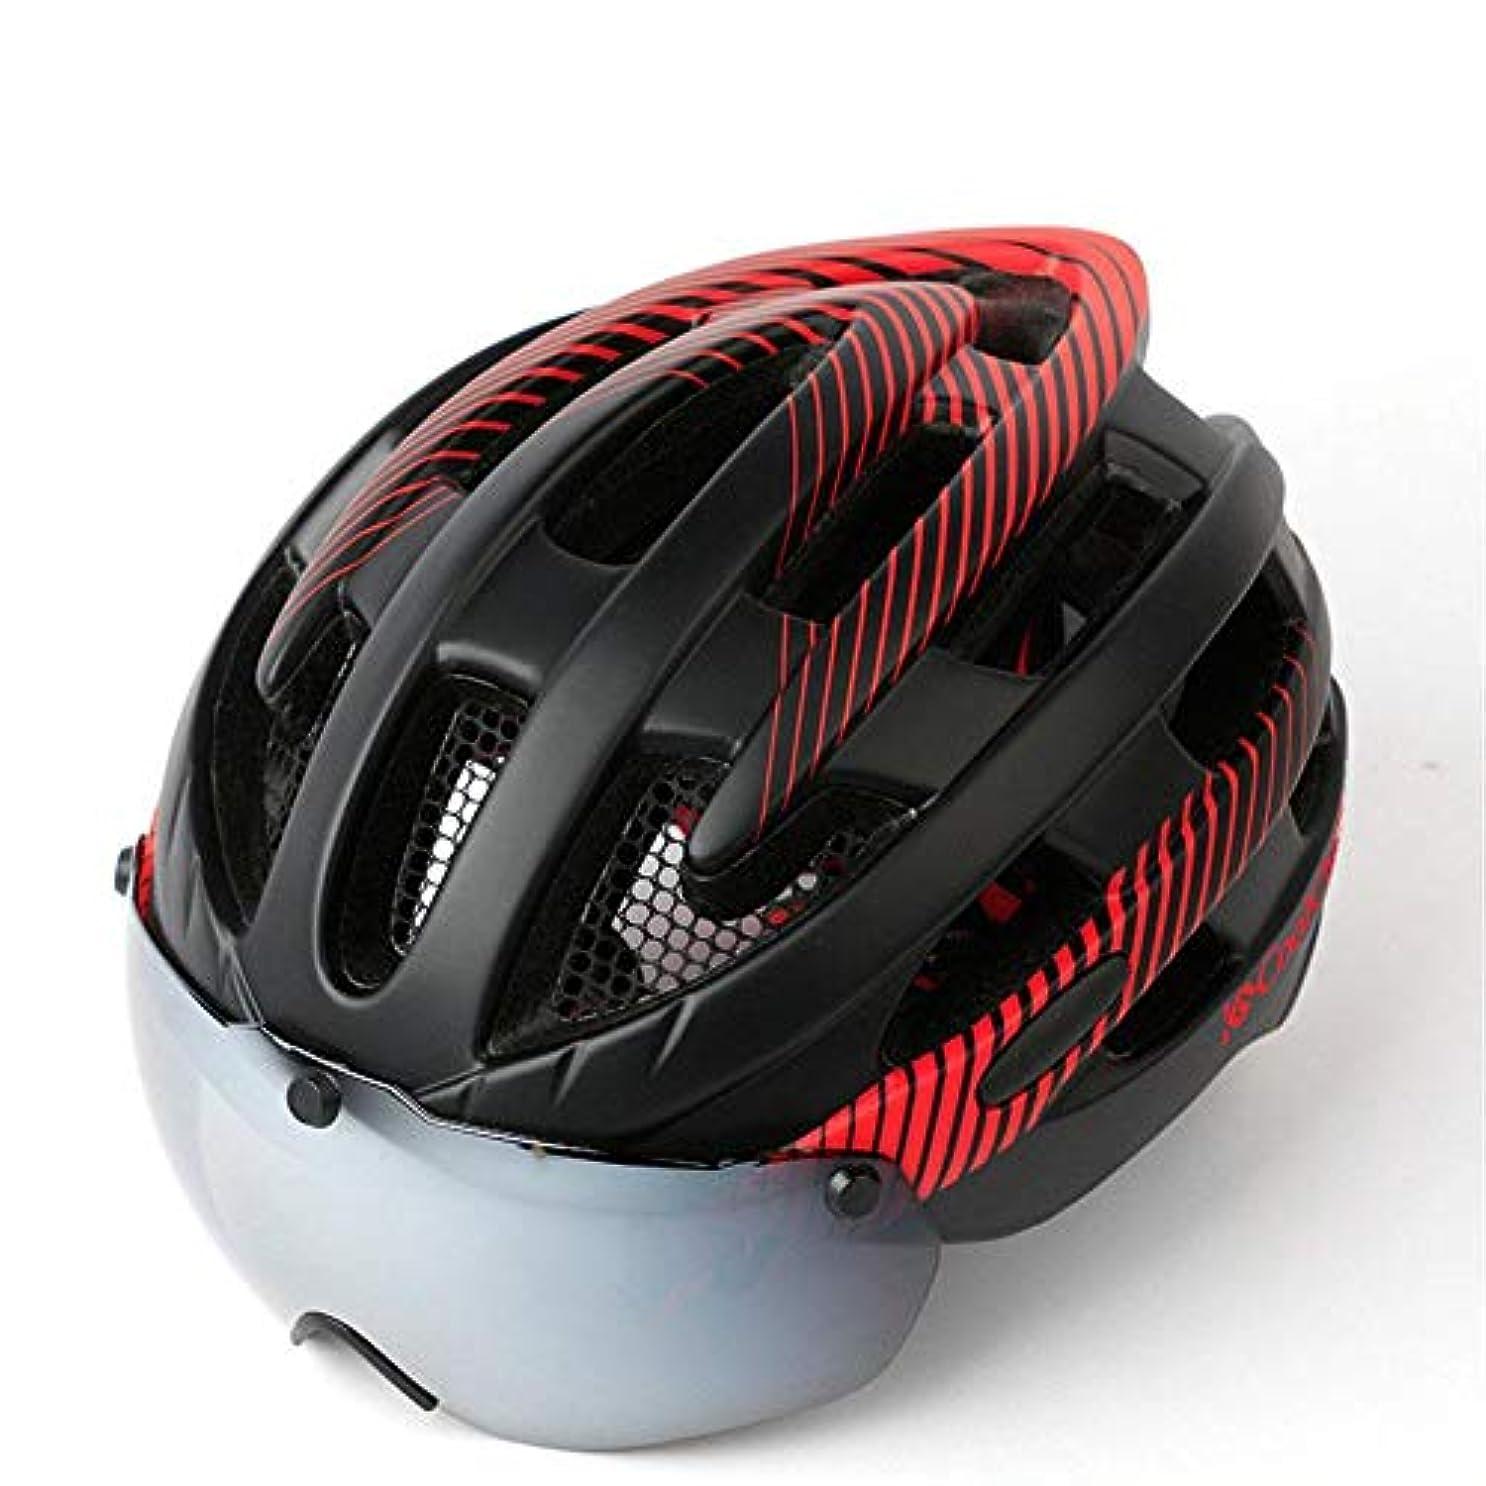 日帰り旅行に手入れ注目すべきSunborui 大人用自転車ヘルメット サイクルヘルメット ロードバイクヘルメット ゴーグル付き LEDライト付き 超軽量 サイズ調整 頭守る 男女兼用